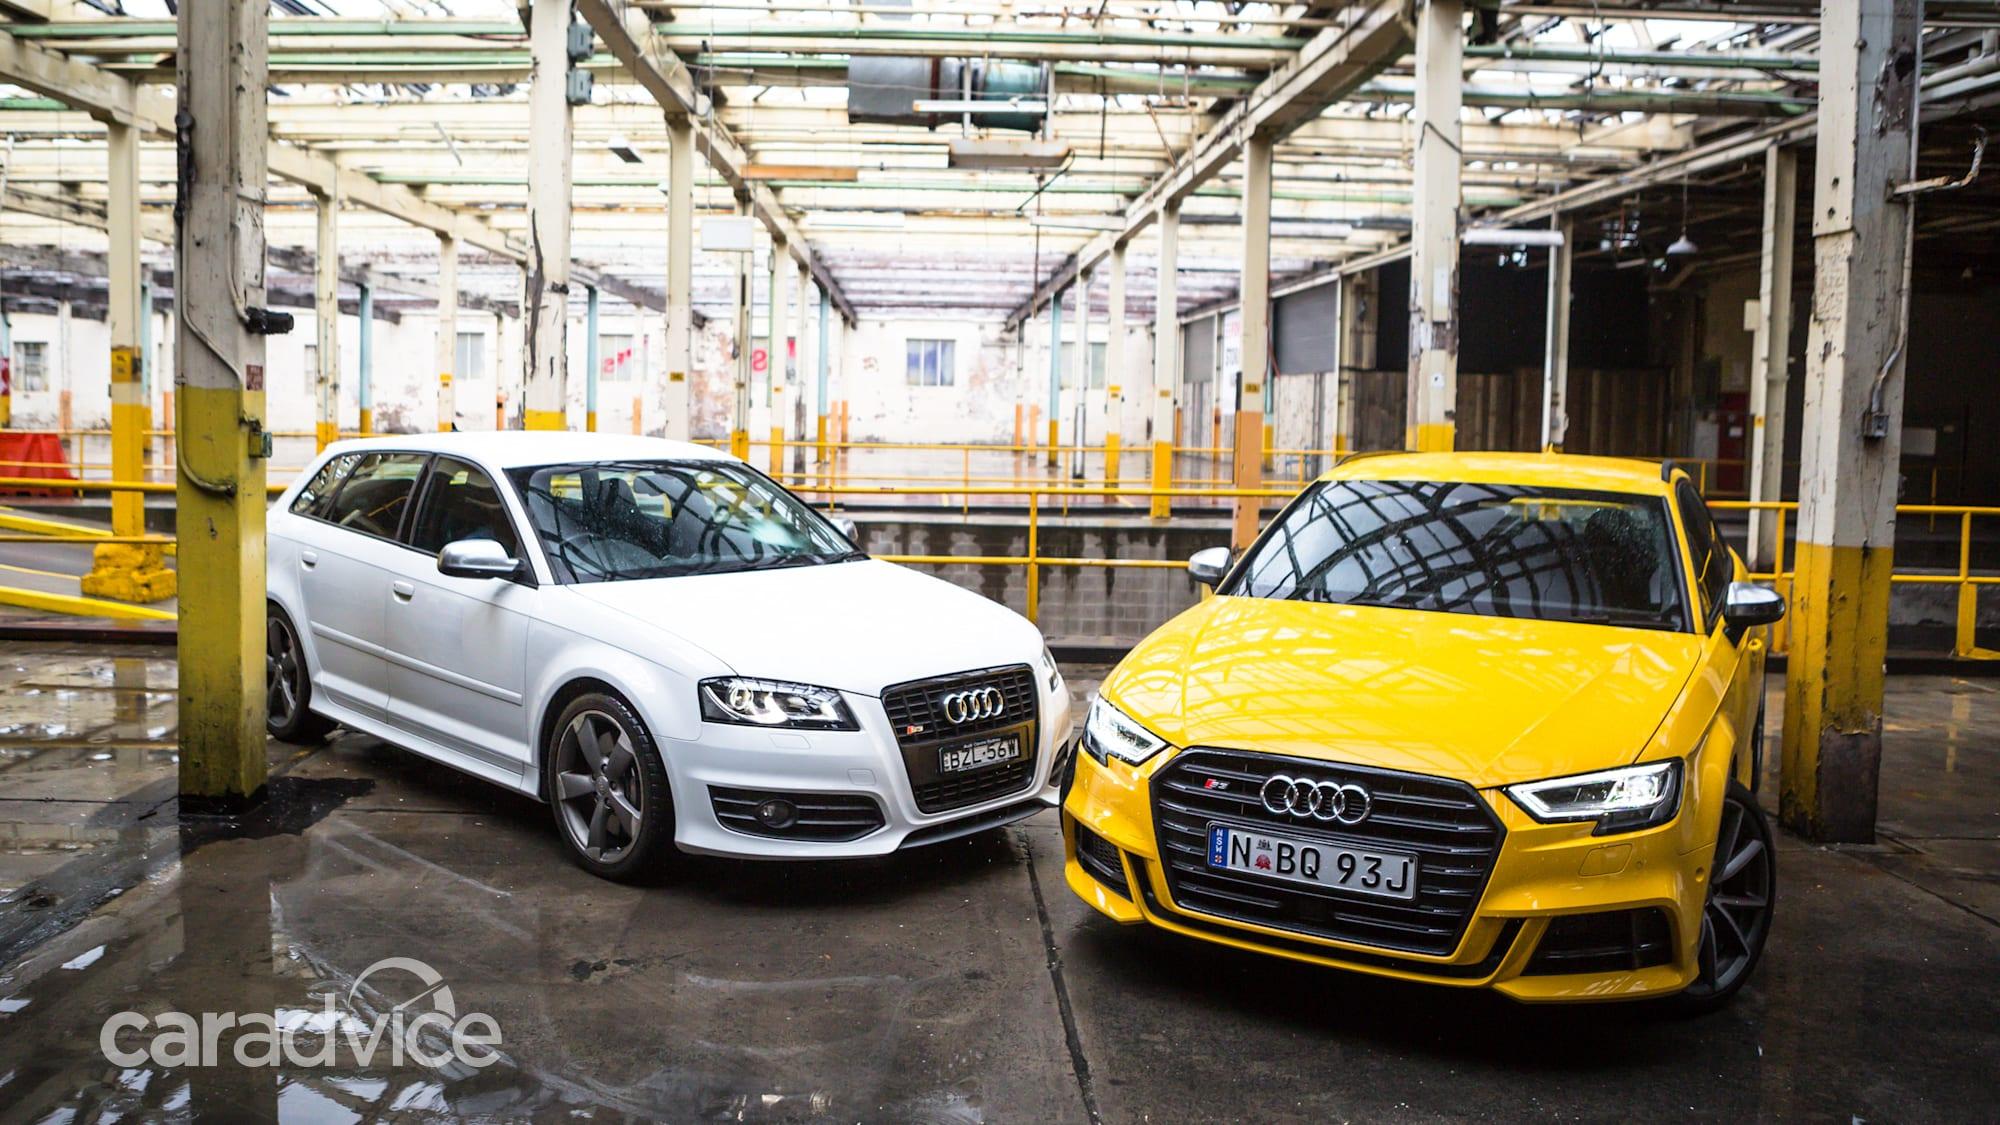 Audi S3 Sportback Old v New: 2017 Sportback v 2011 Black ...